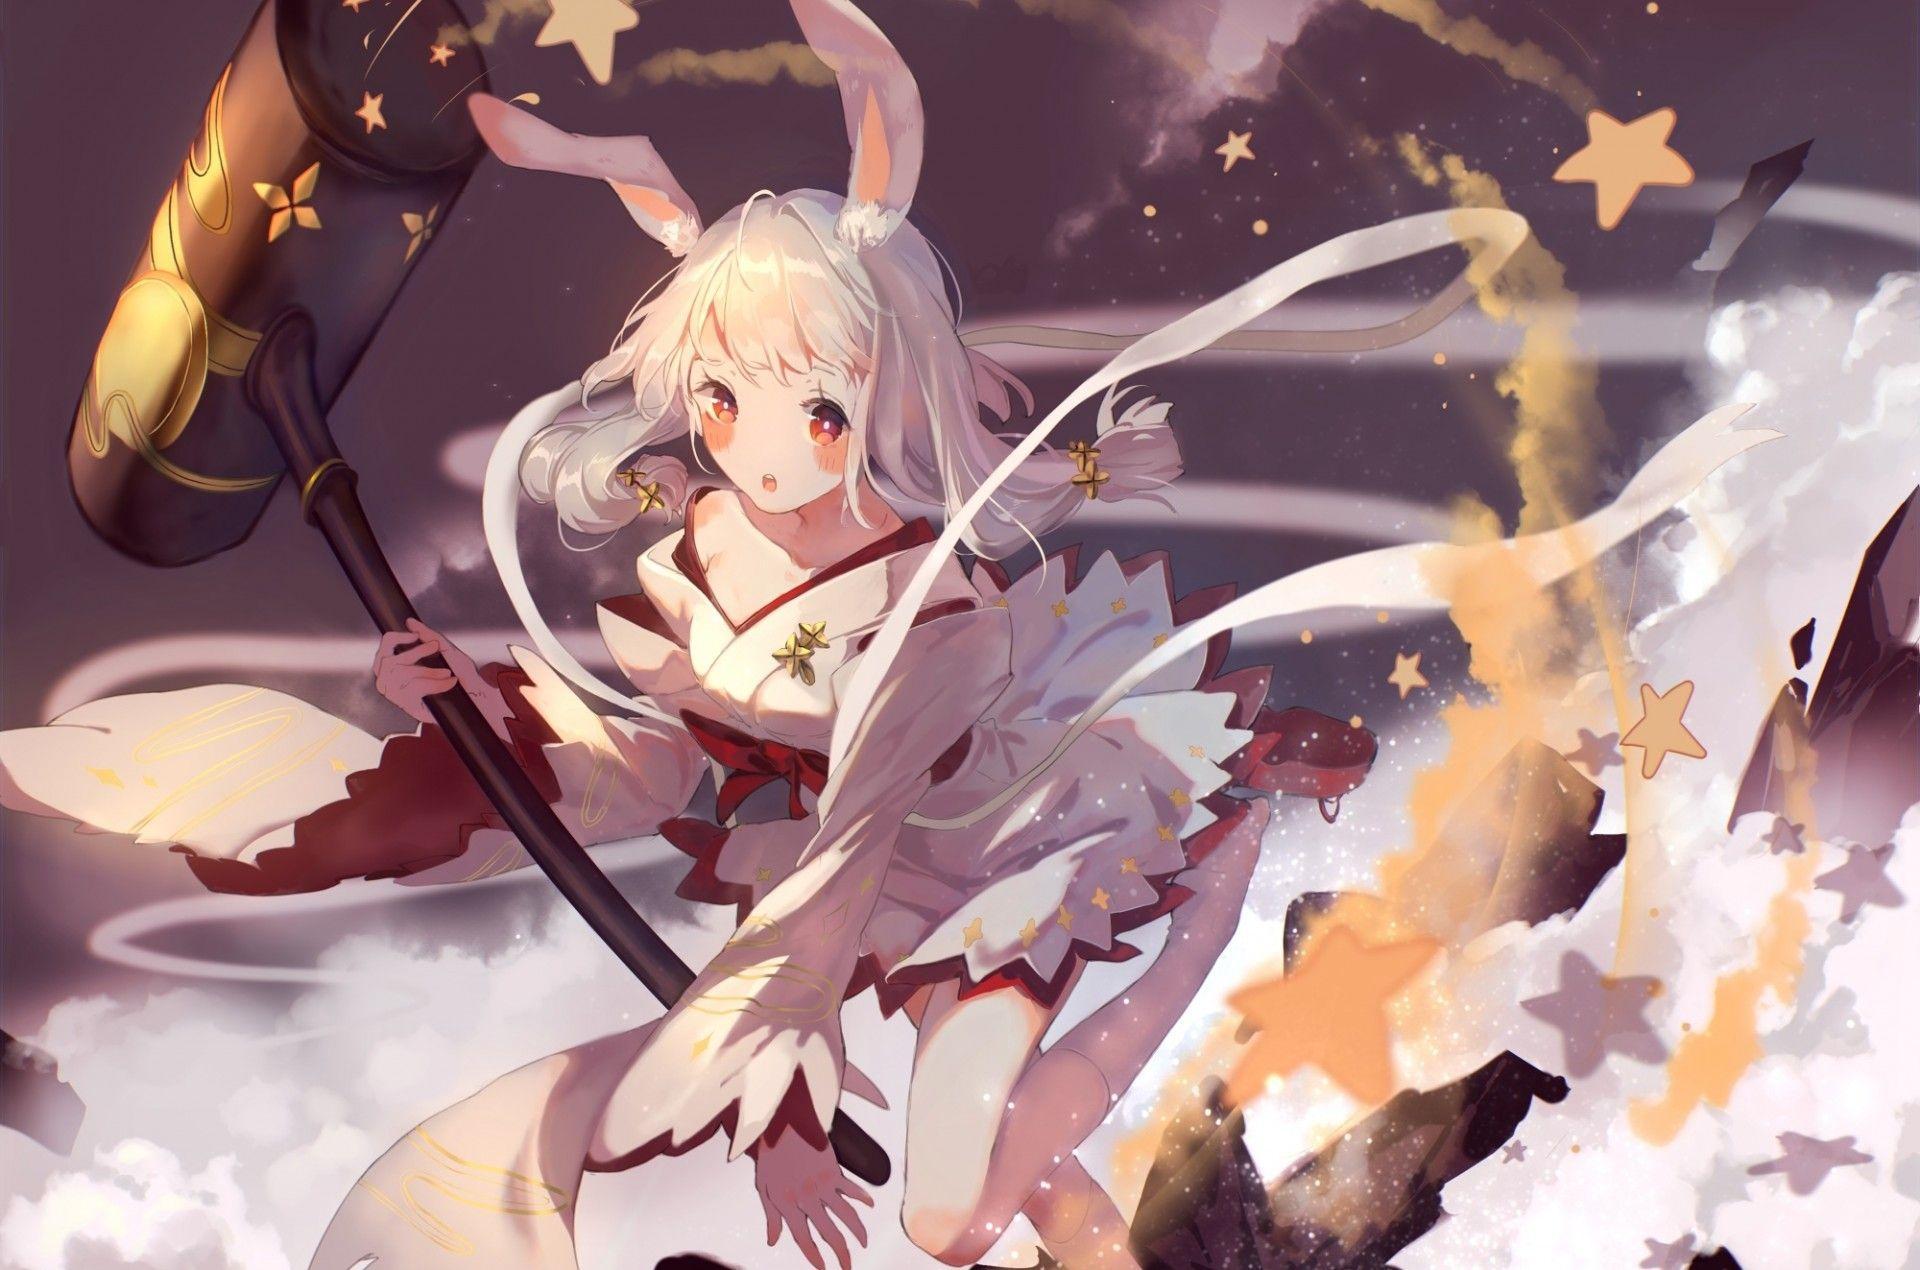 Bunny Girl Anime Wallpapers Top Free Bunny Girl Anime